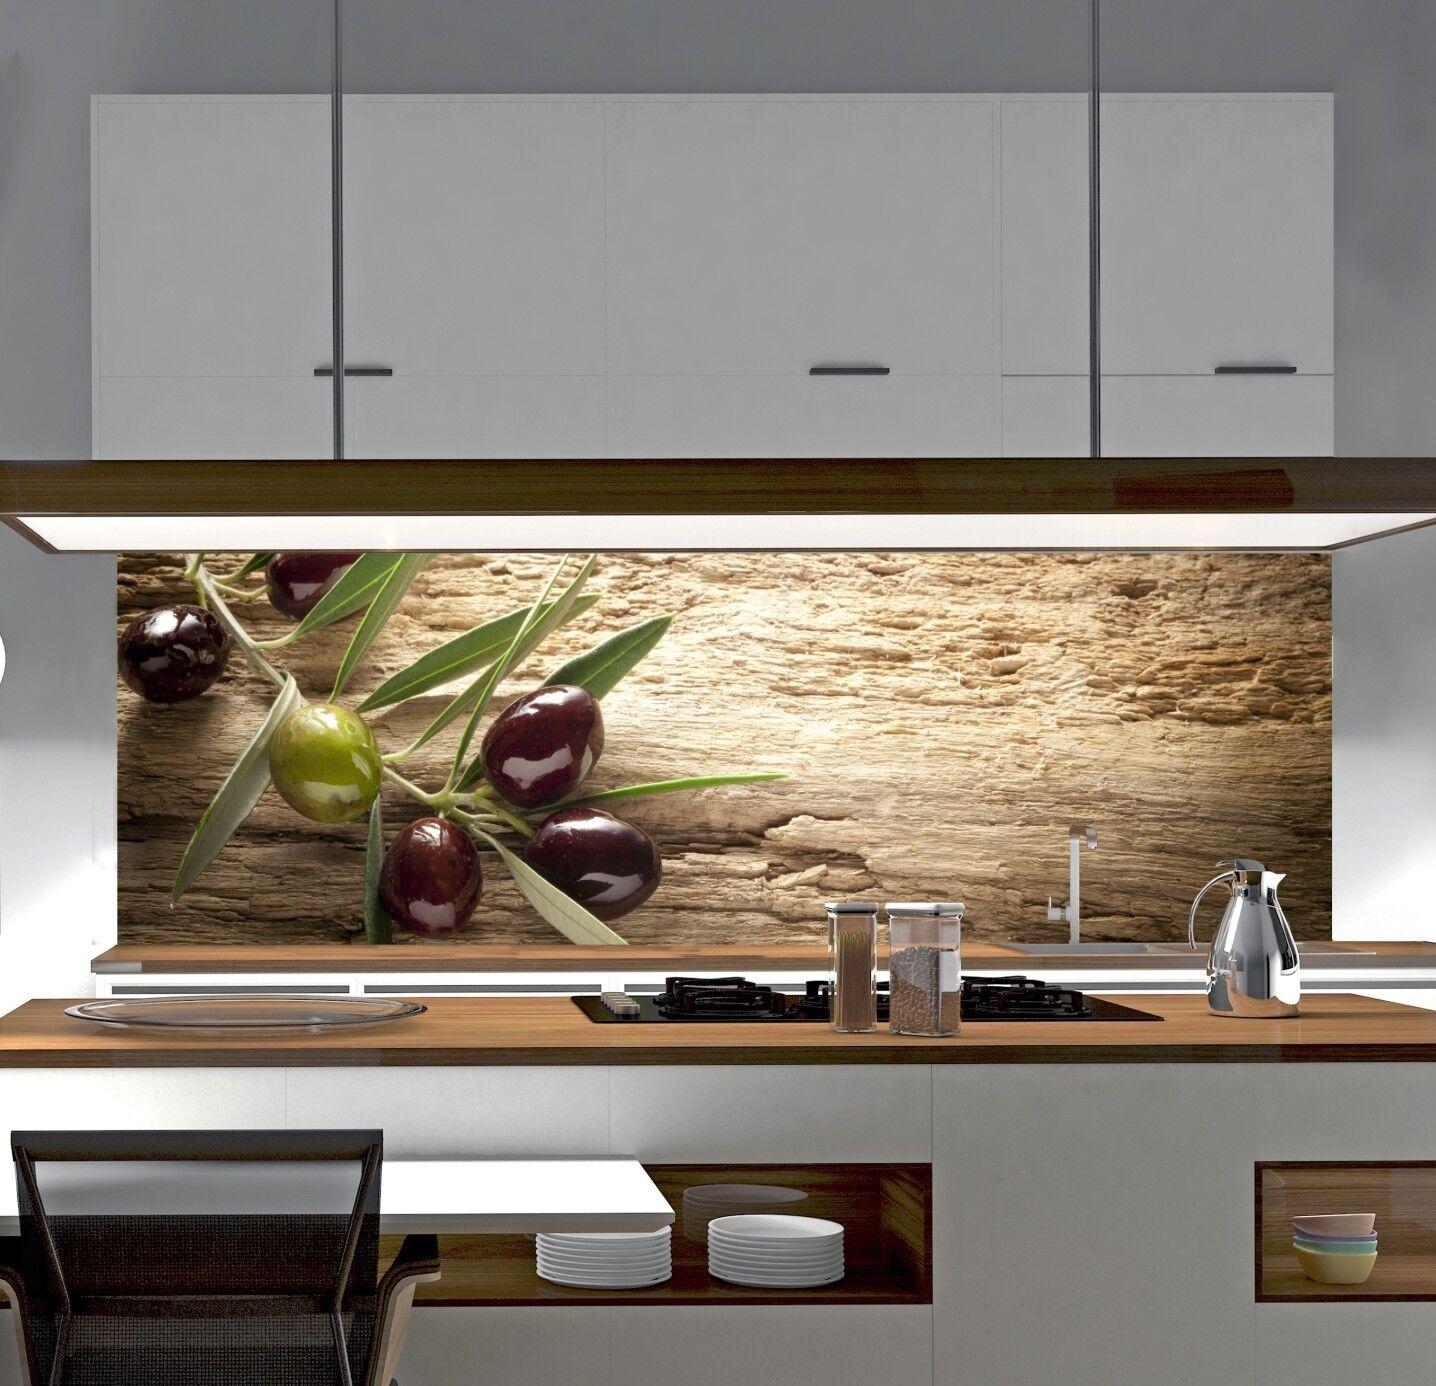 Komplett Küchen U0026 Ausstattung Sonstige KÜCHENRÜCKWAND Spritzschutz Küche  Gehärtetes Glas Rückwand Olive Natur Hölzern